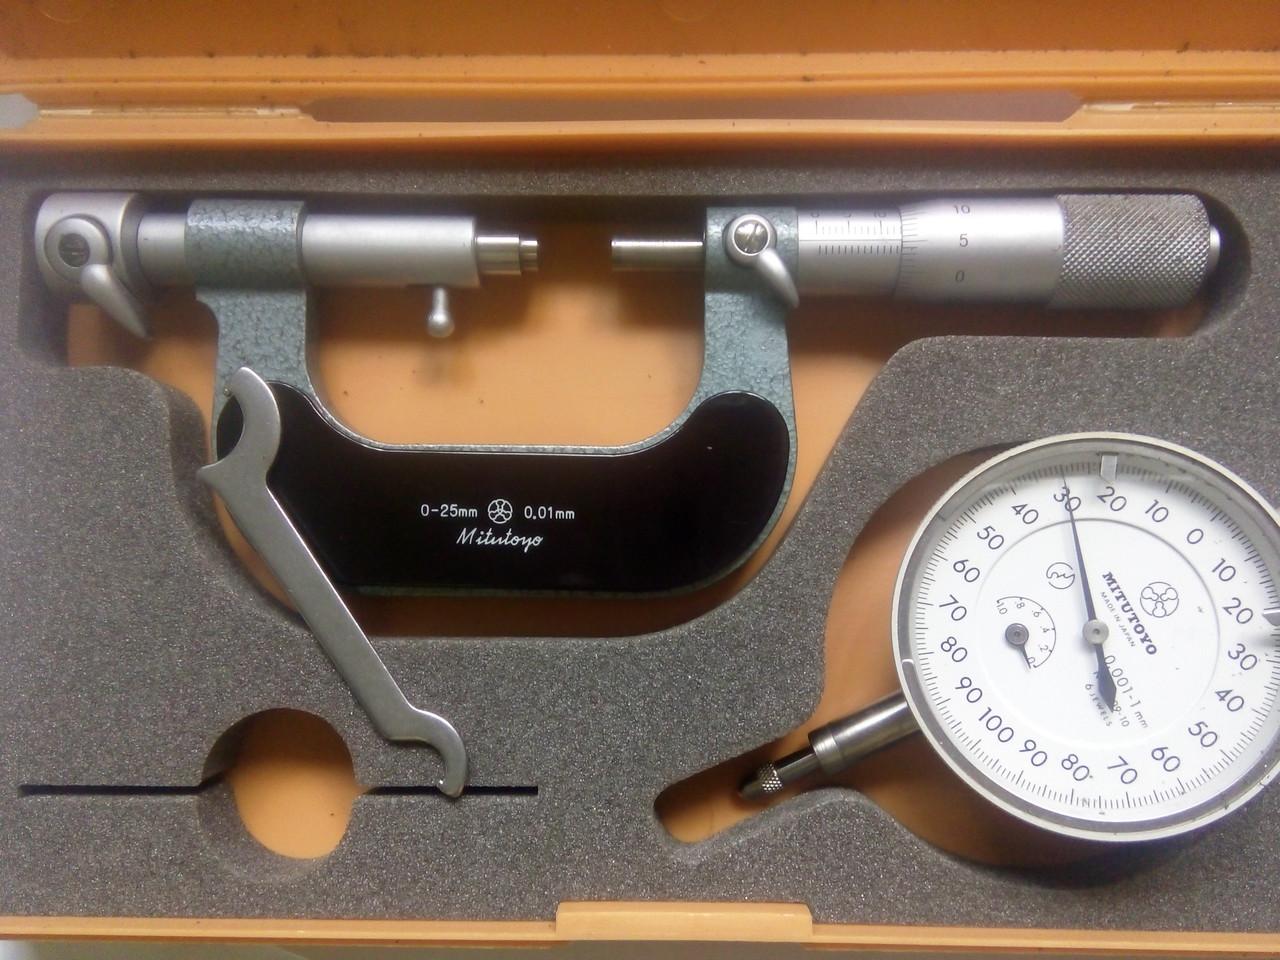 Микрометр рычажный 0-25 Mitutoyo(Япония) аналог МР-25 возможна калибровка в Укрцсм